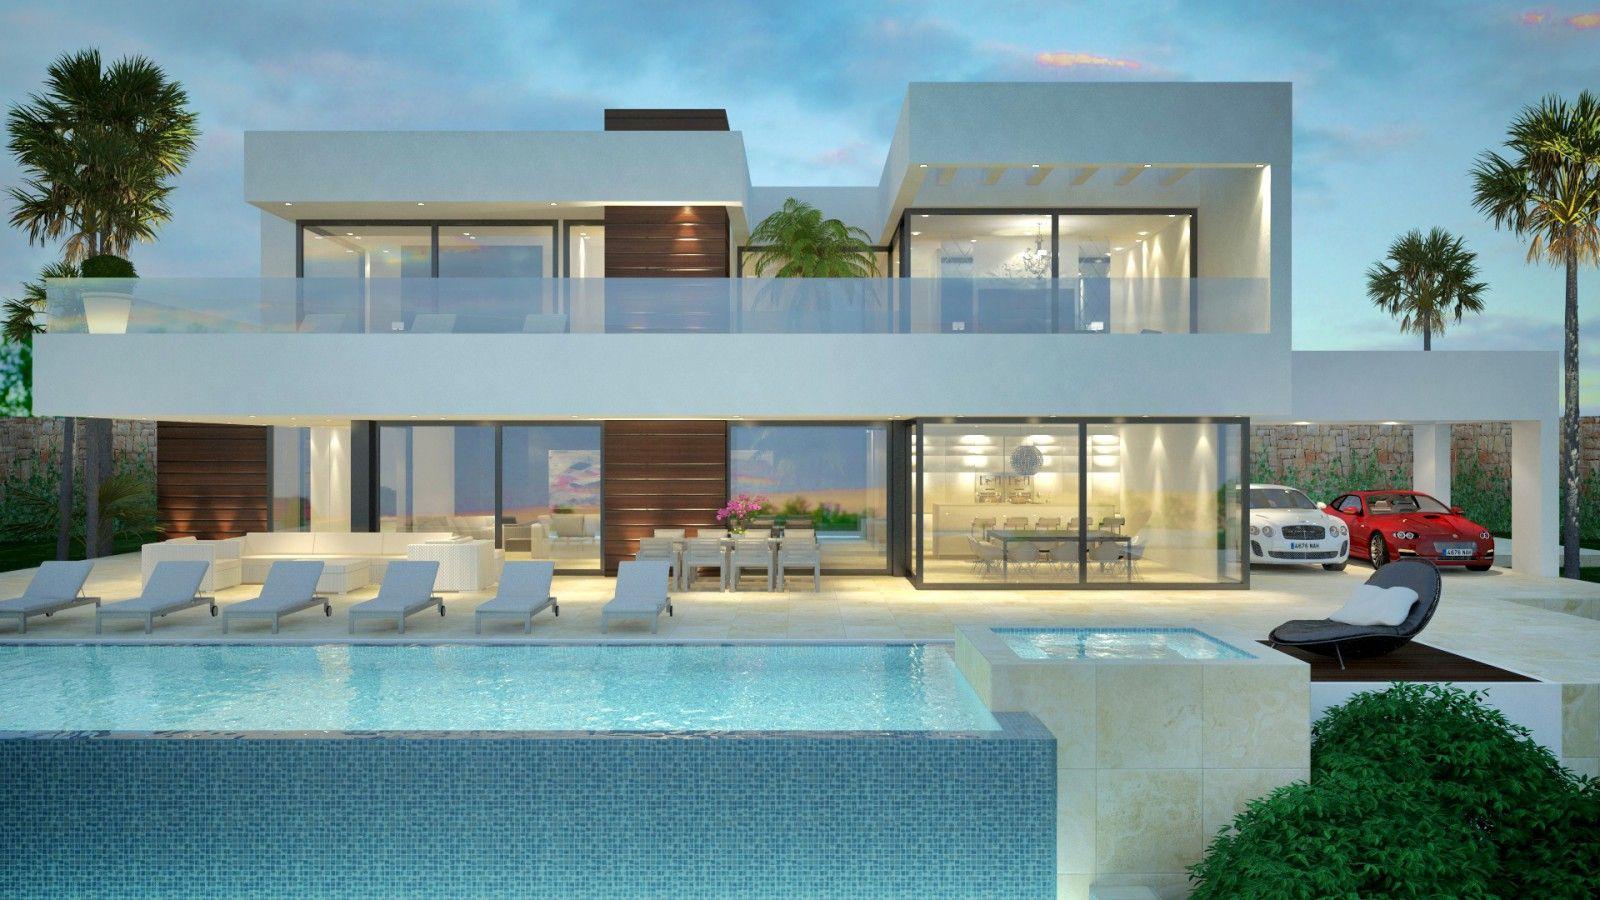 Villa moderne à vendre La Cerquilla, Marbella | Maison minimaliste ...